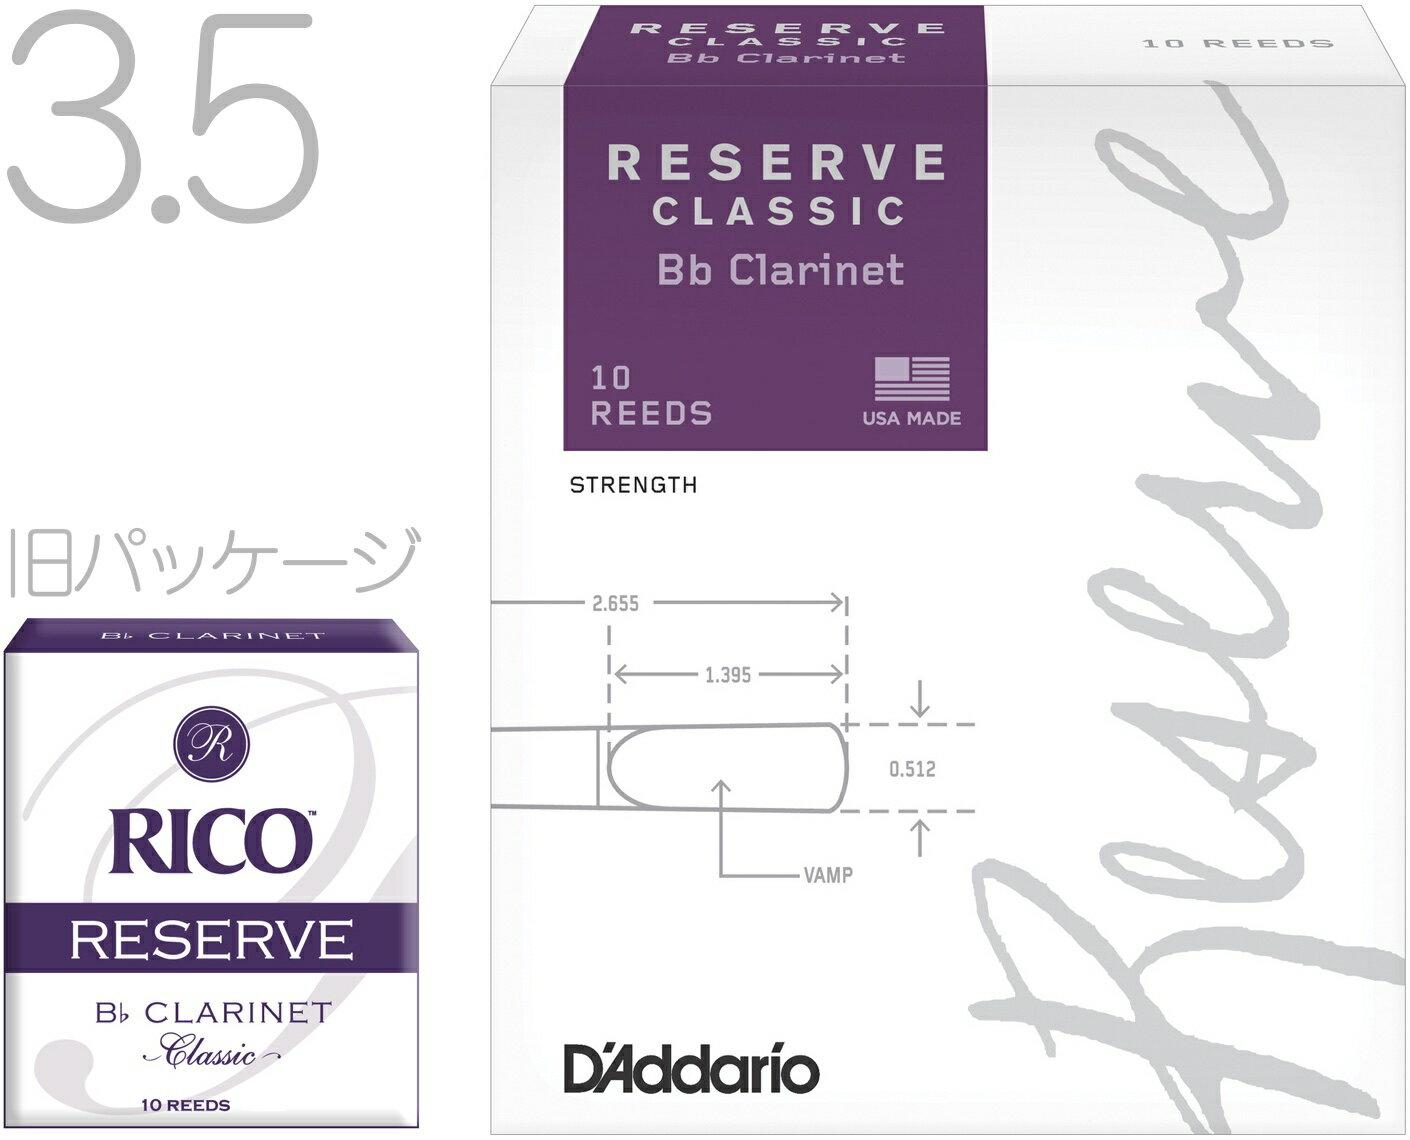 木管楽器用アクセサリー・パーツ, リード  DAddario Woodwinds ( ) DCT1035 B 3.5 10 LDADRECLC3.5 Bb clarinet Reserve classic 3-12 3